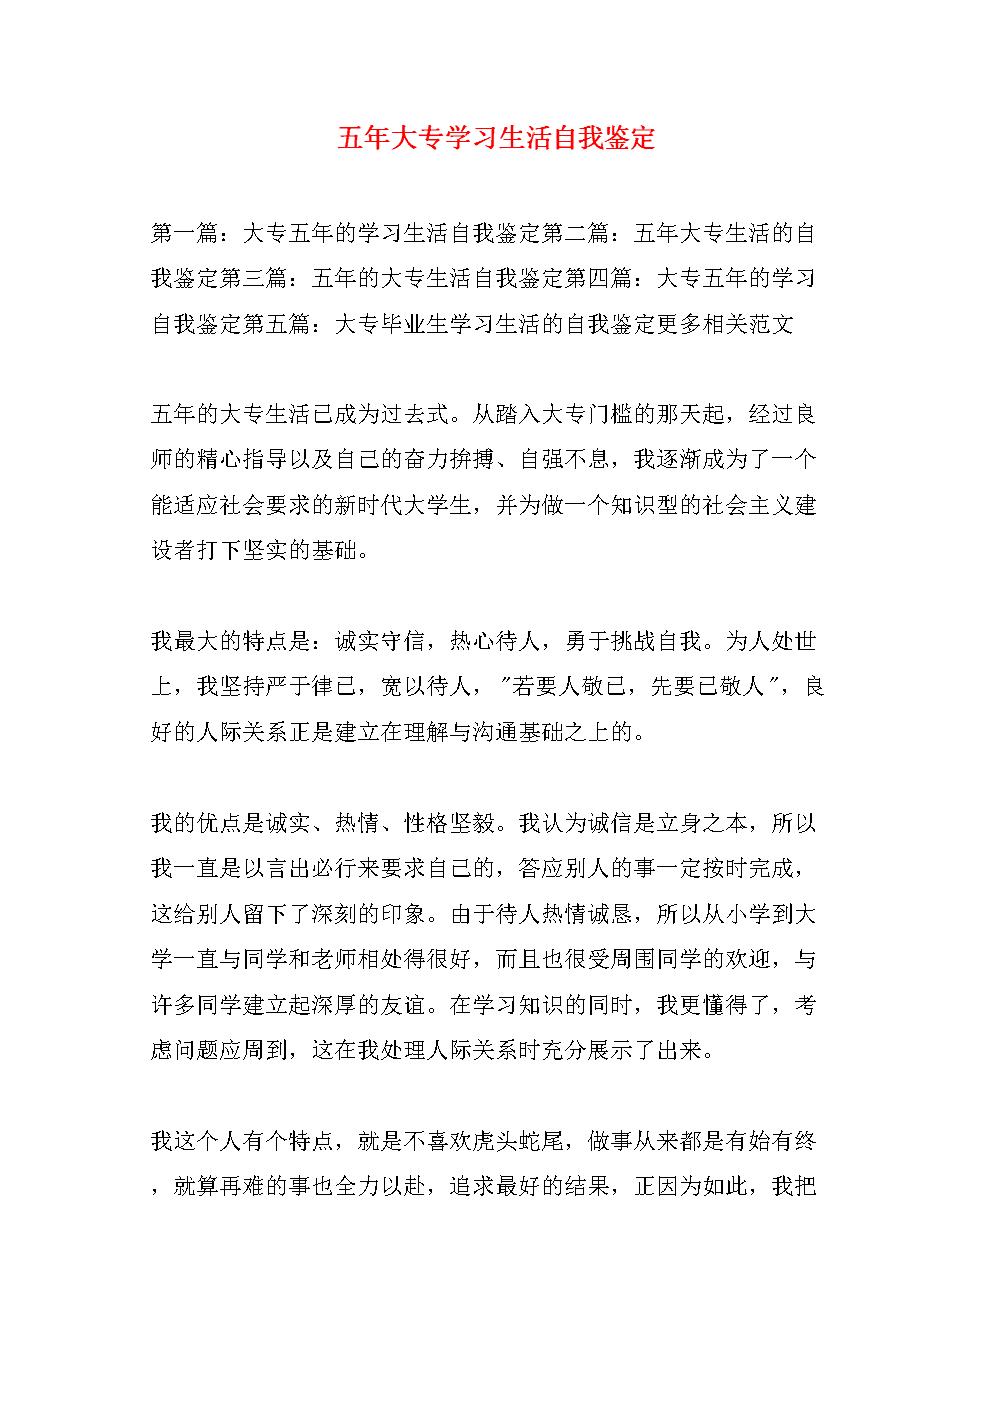 药剂科实自我鉴定_五年大专学习生活自我鉴定.doc